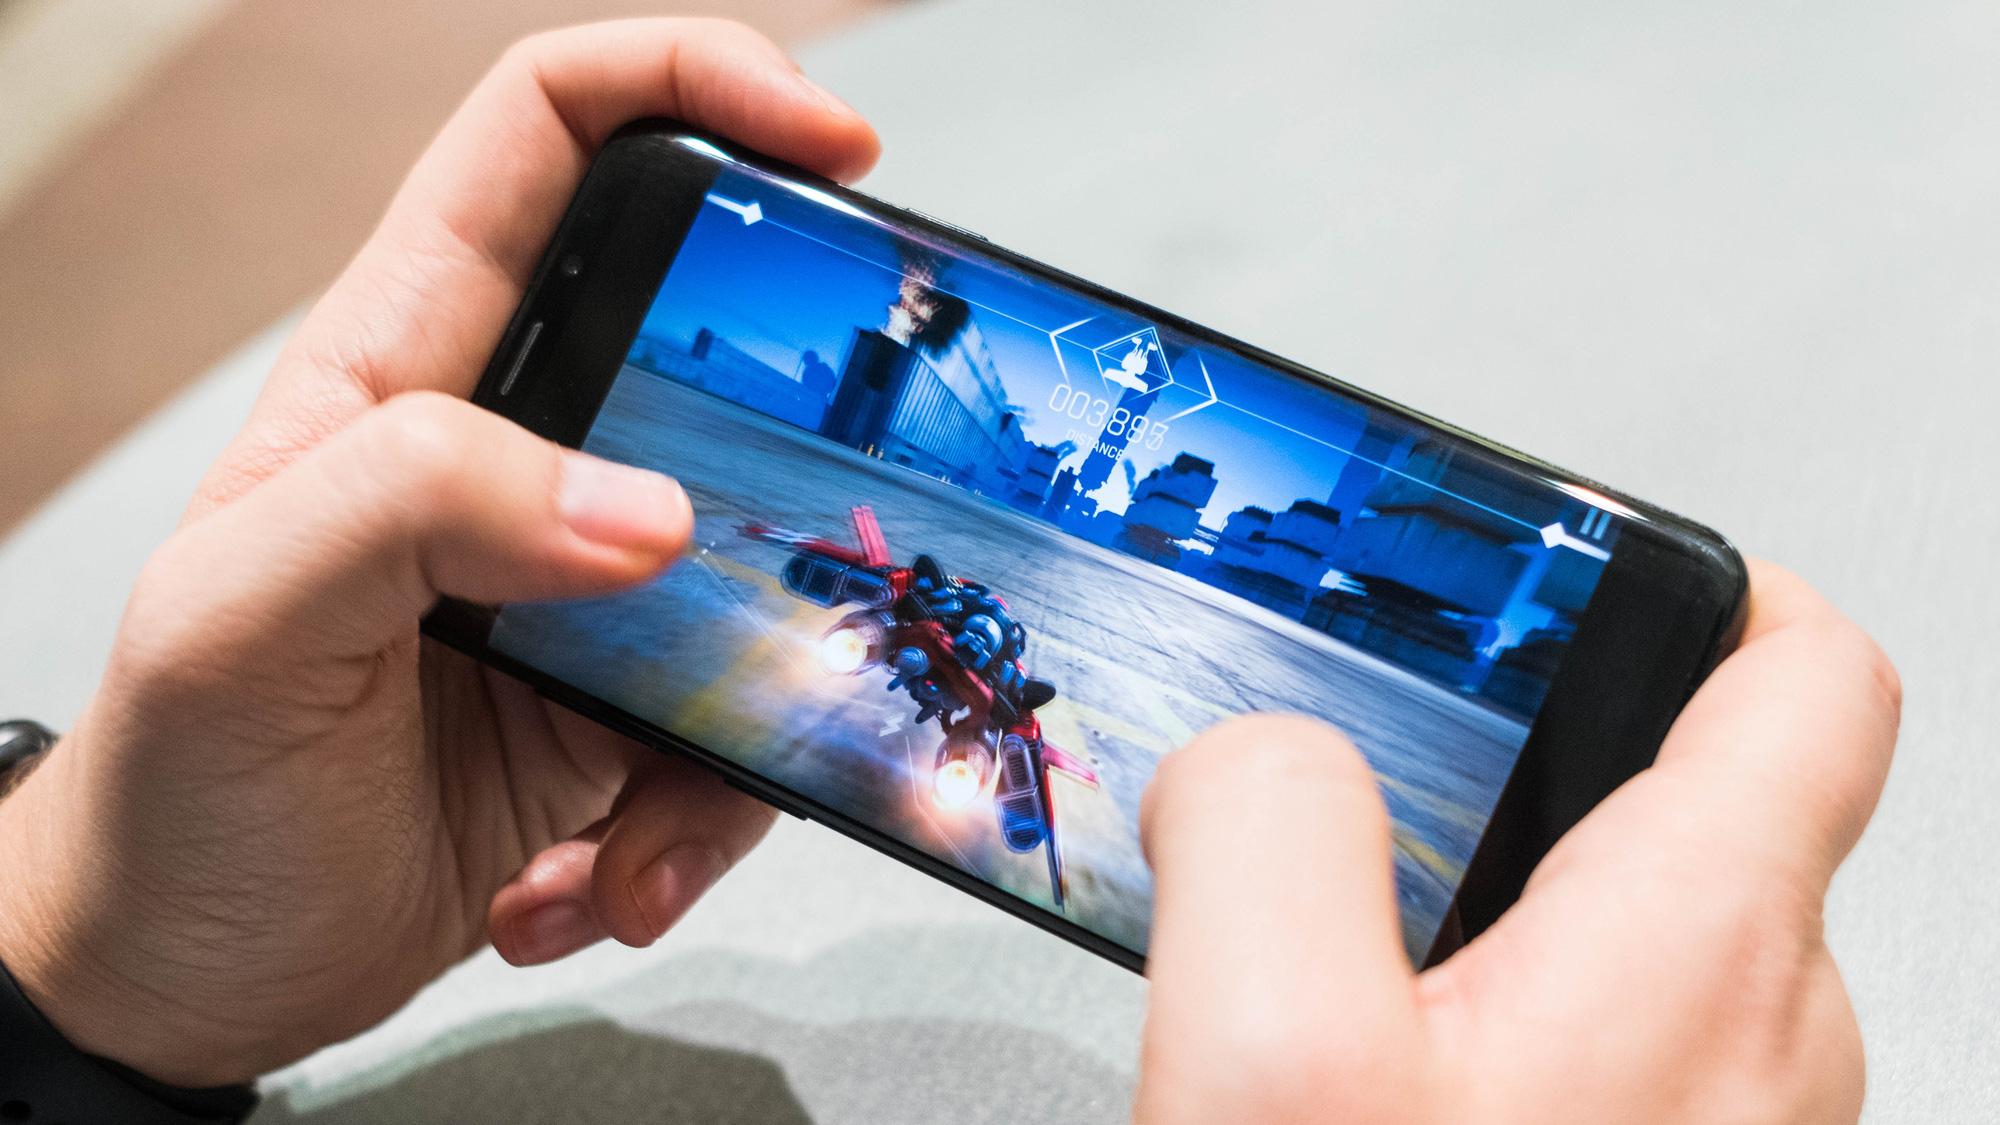 Thị trường Esports Đông Nam Á trên điện thoại di động có thể đạt mốc 72,5 triệu USD doanh thu trong năm 2024 - Ảnh 2.